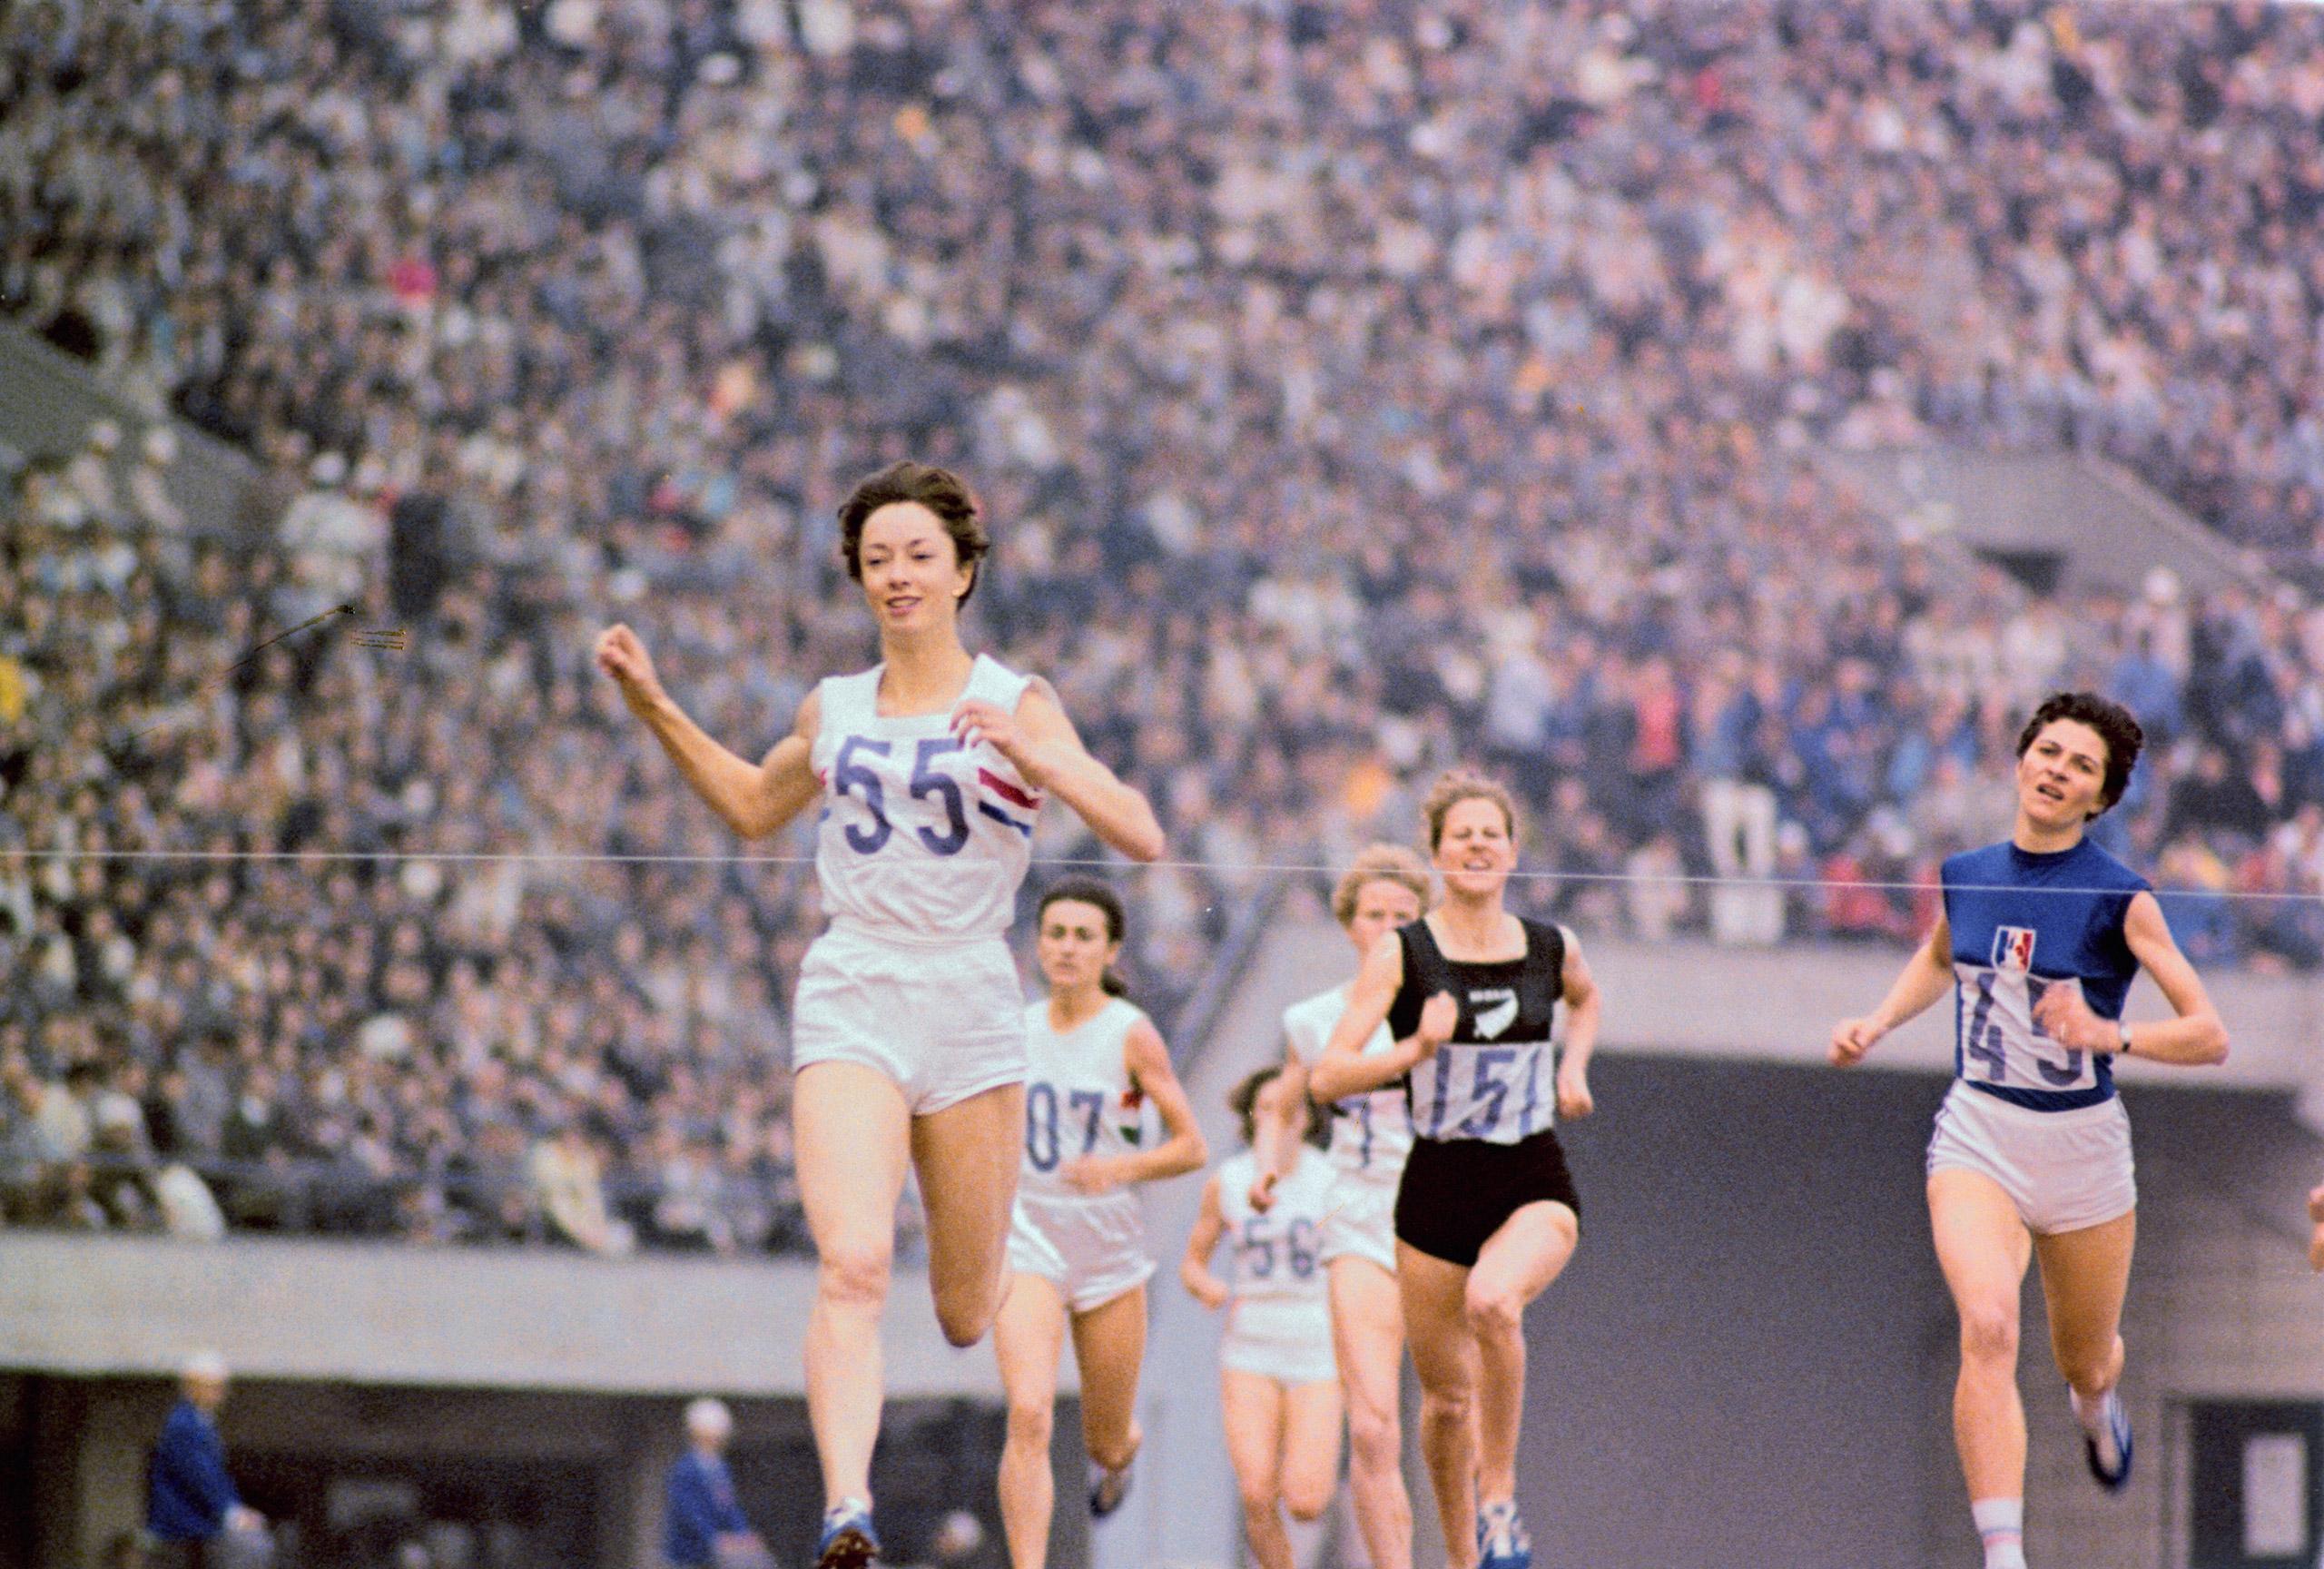 Ann Packer wins the 800-meter goald medal in Tokyo on Oc. 20, 1964.